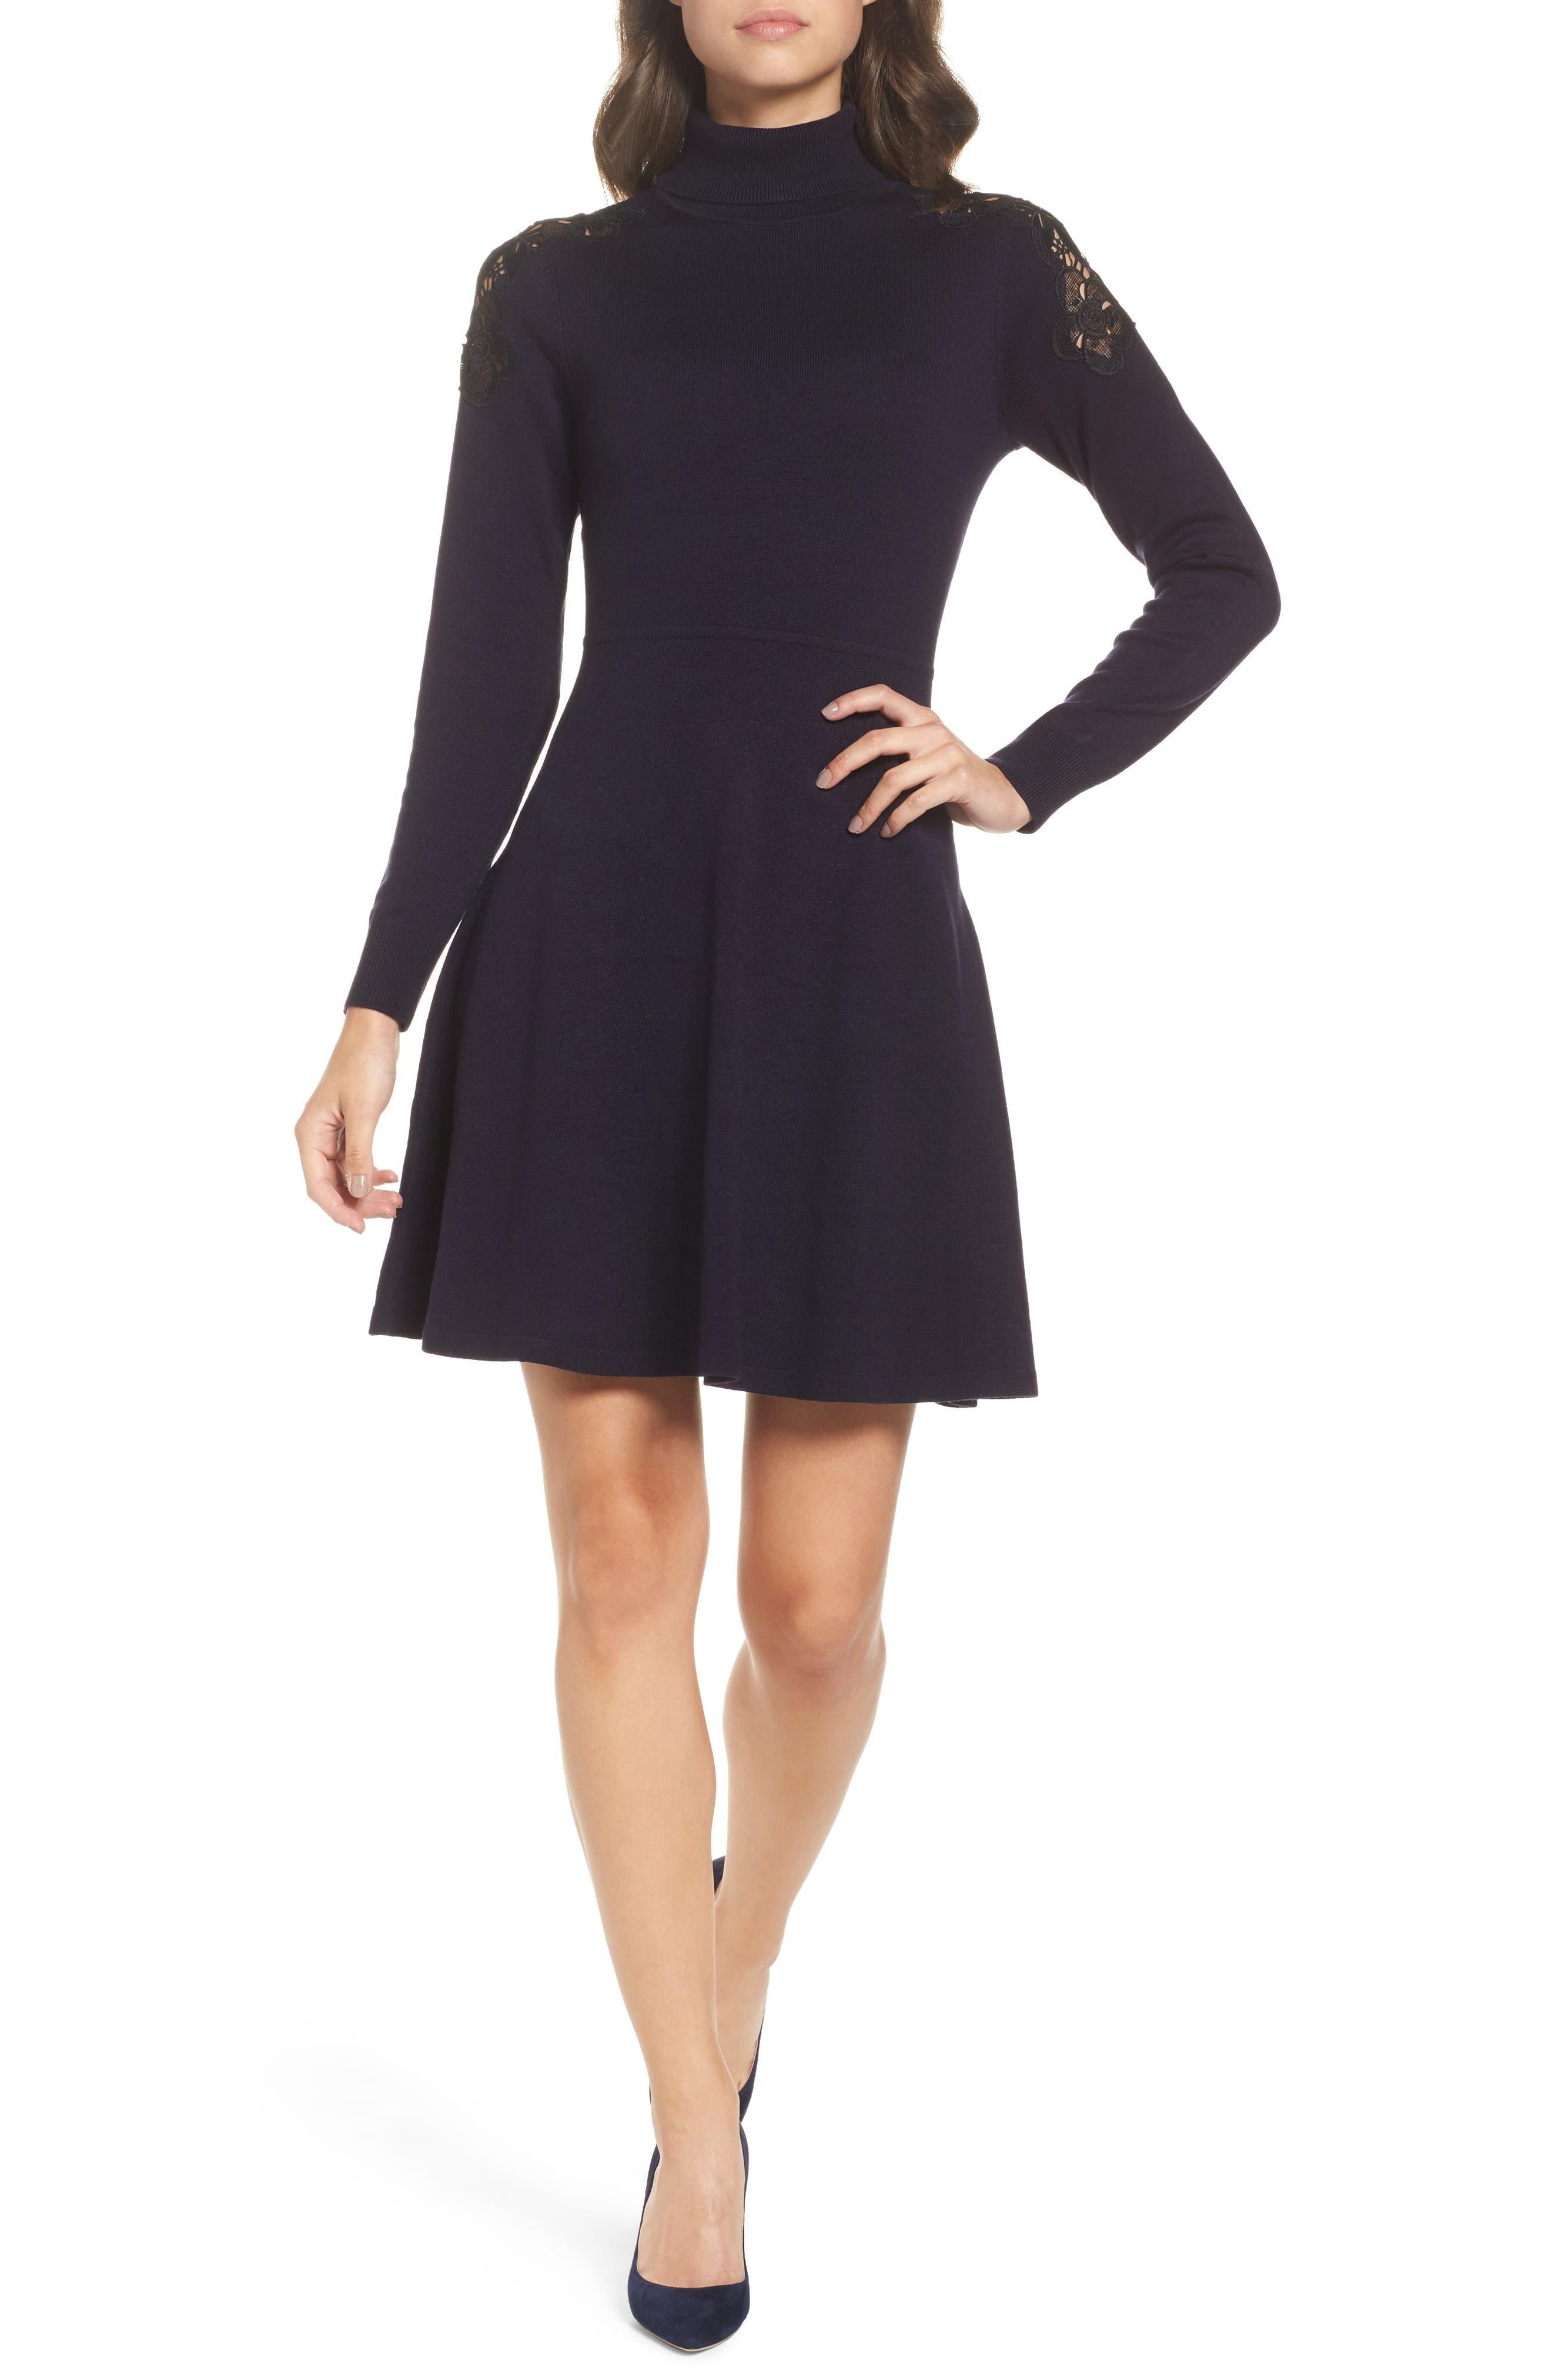 Turtleneck Lace Formal Dress